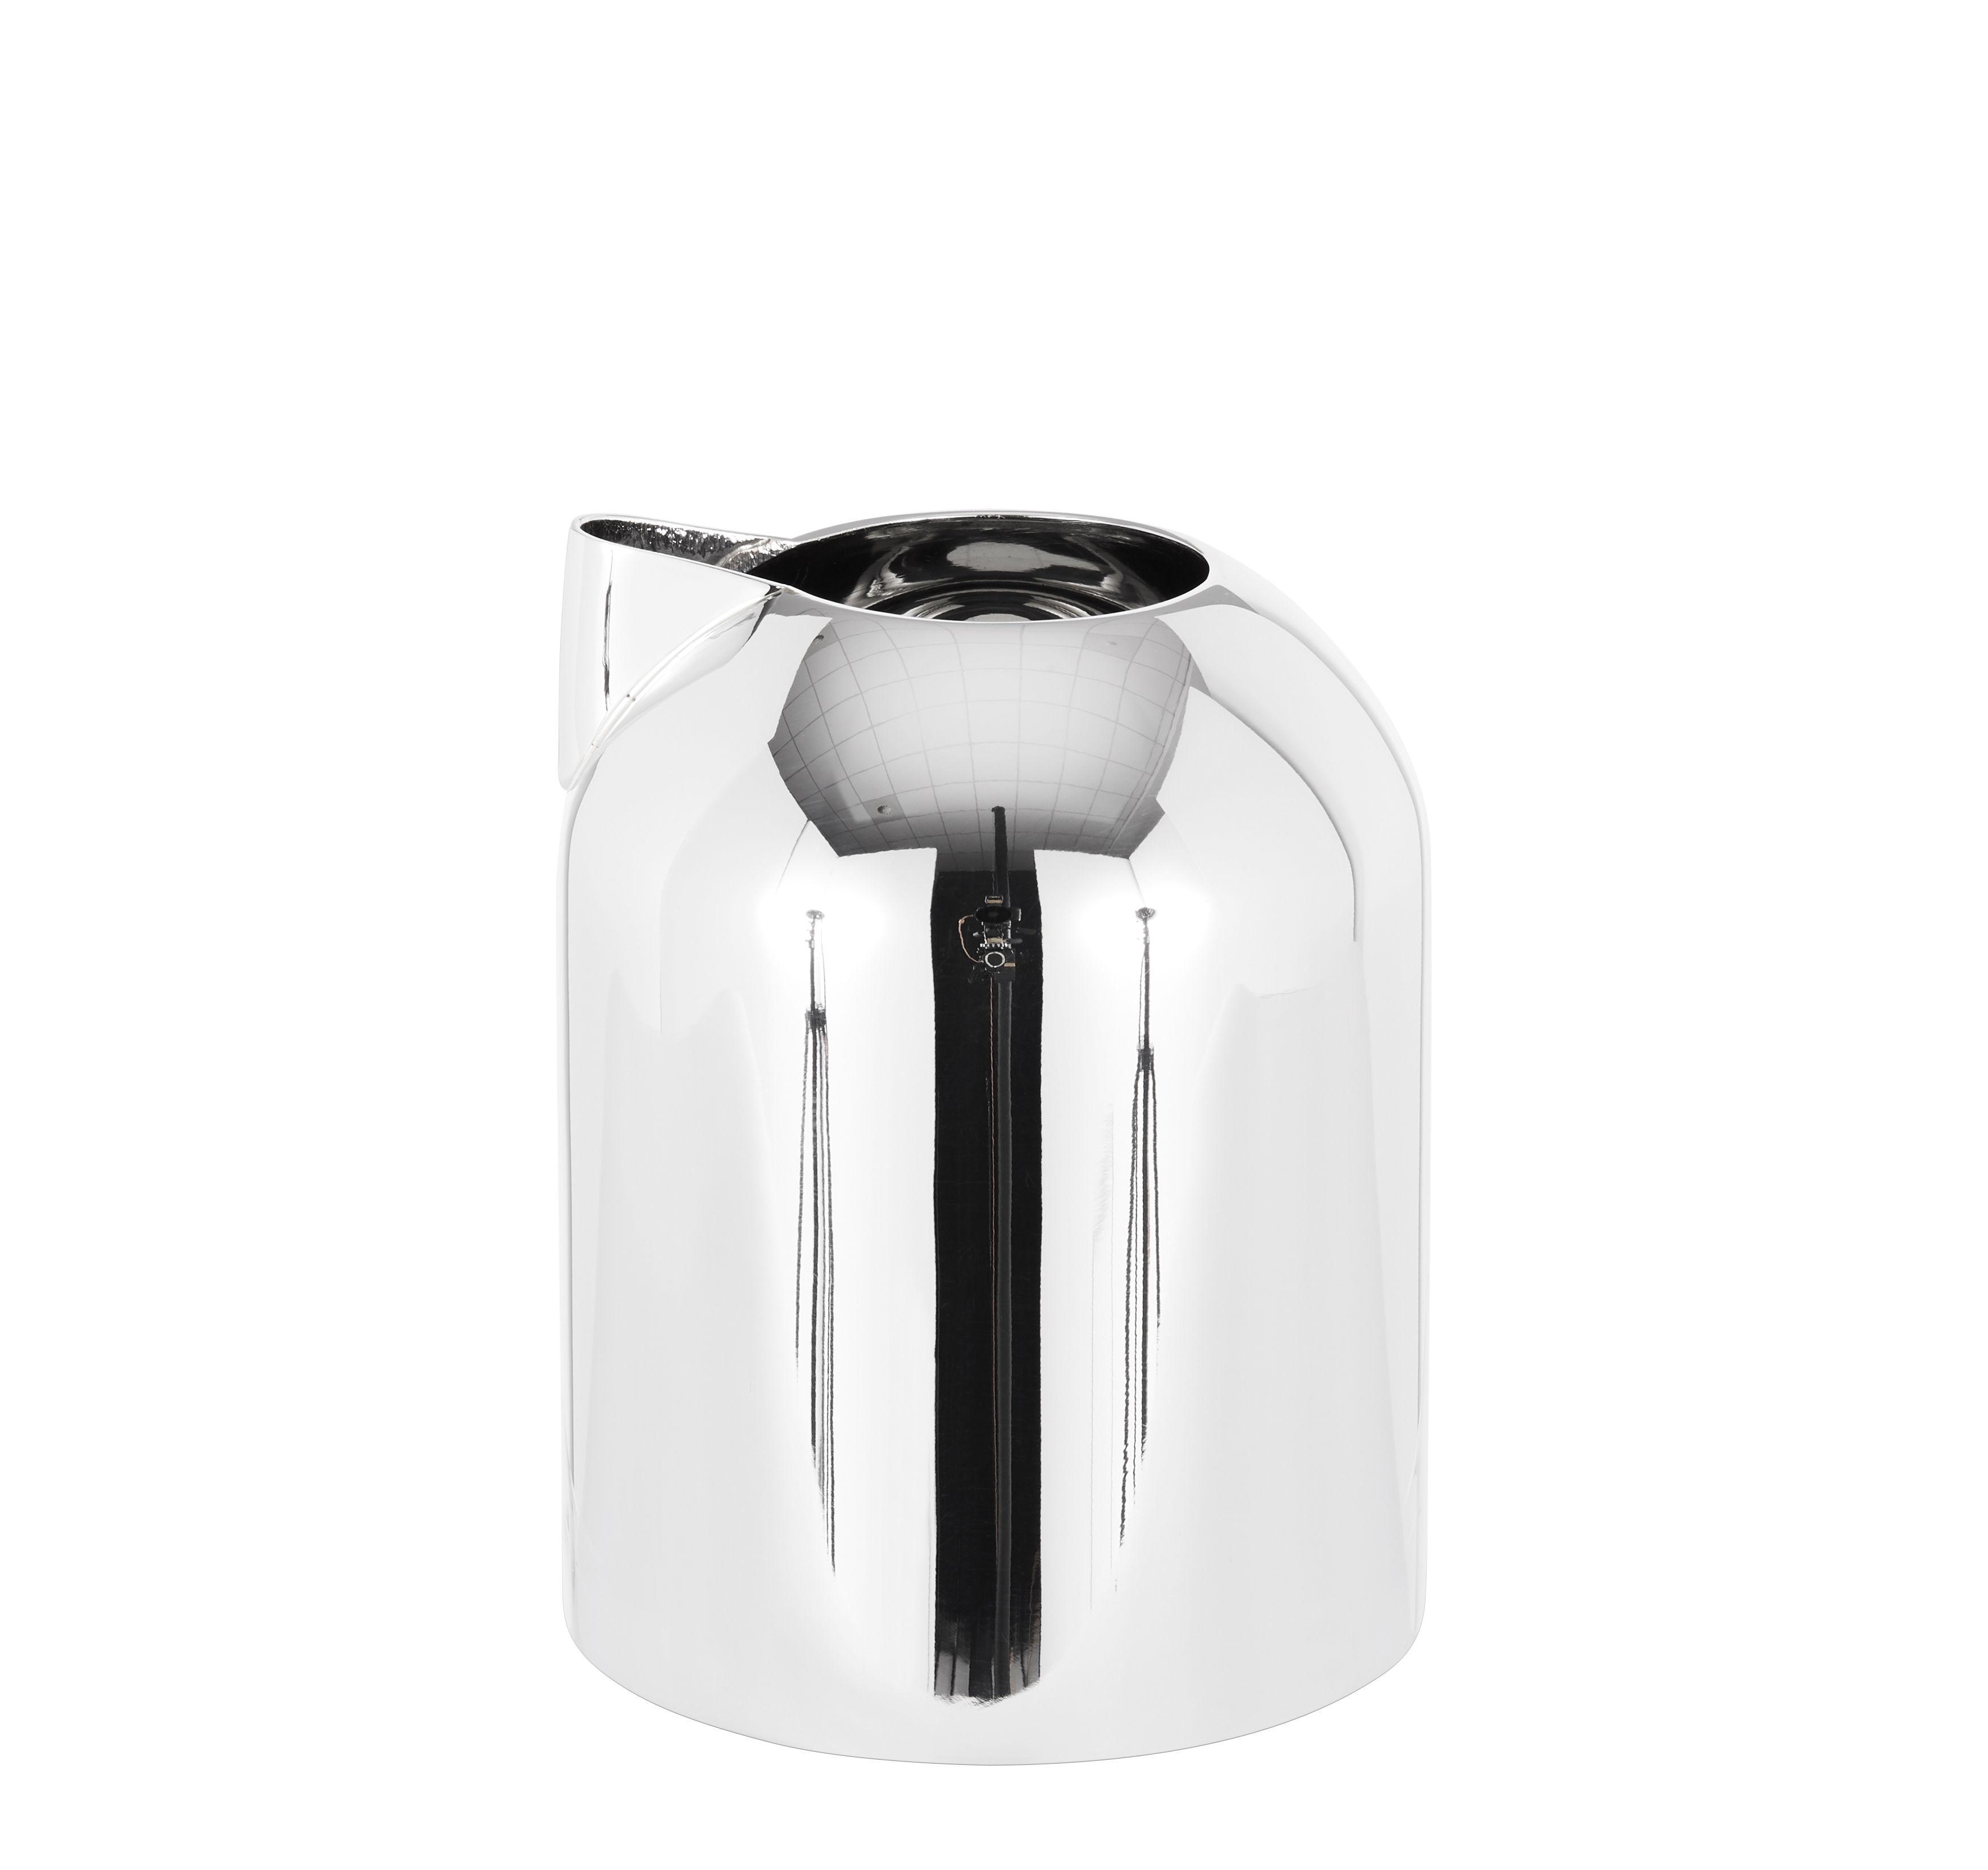 Tischkultur - Tee und Kaffee - Form Milchtopf - Tom Dixon - Edelstahl, poliert - polierter rostfreier Stahl